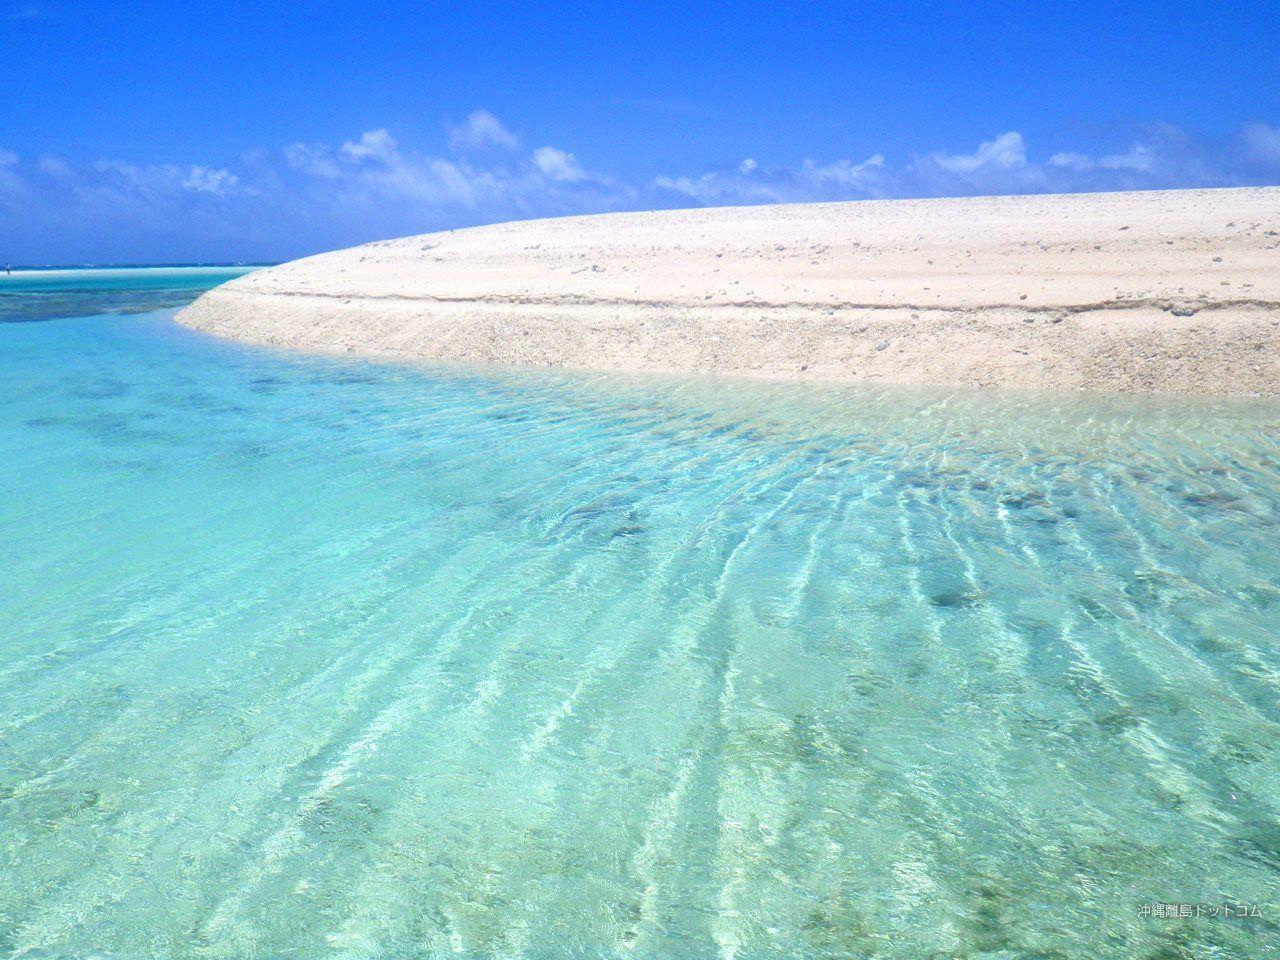 綺麗な海はどこ?透明度が高い海ランキング